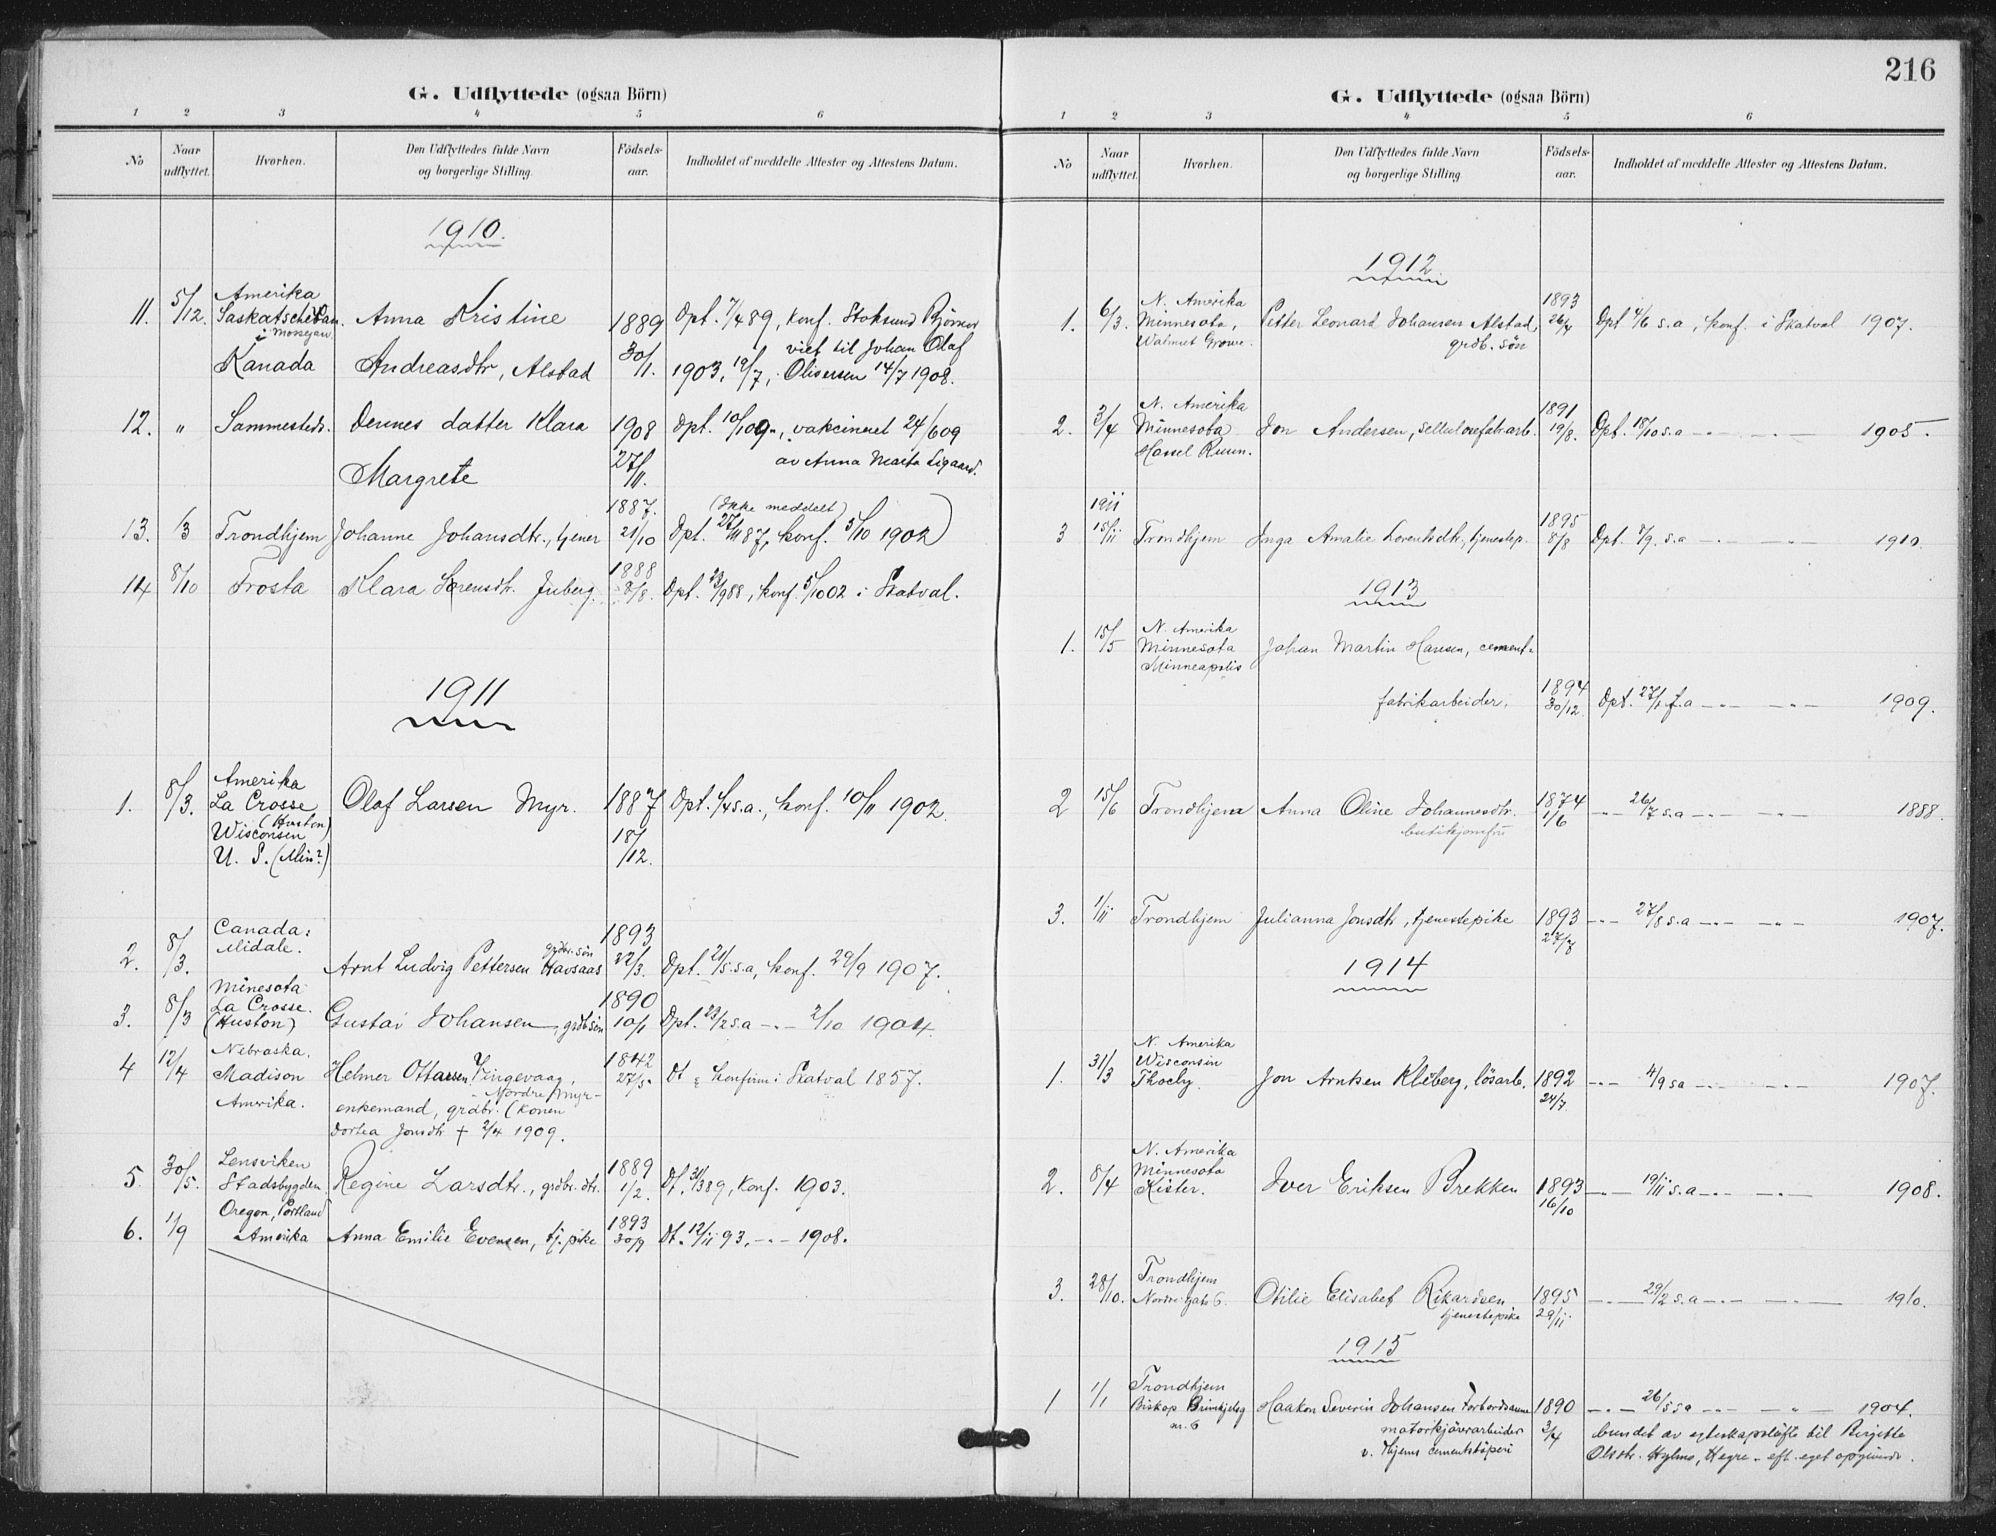 SAT, Ministerialprotokoller, klokkerbøker og fødselsregistre - Nord-Trøndelag, 712/L0101: Ministerialbok nr. 712A02, 1901-1916, s. 216